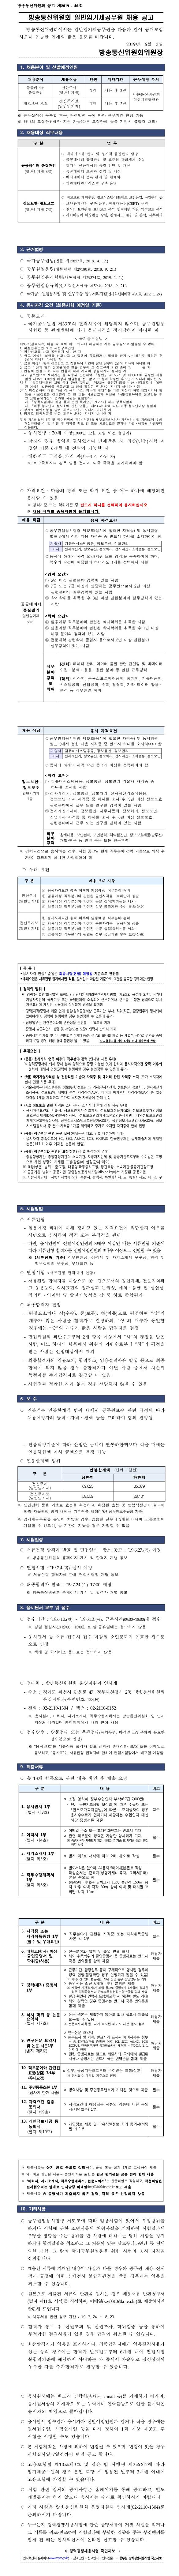 190604_방송통신위원회_공고.jpg